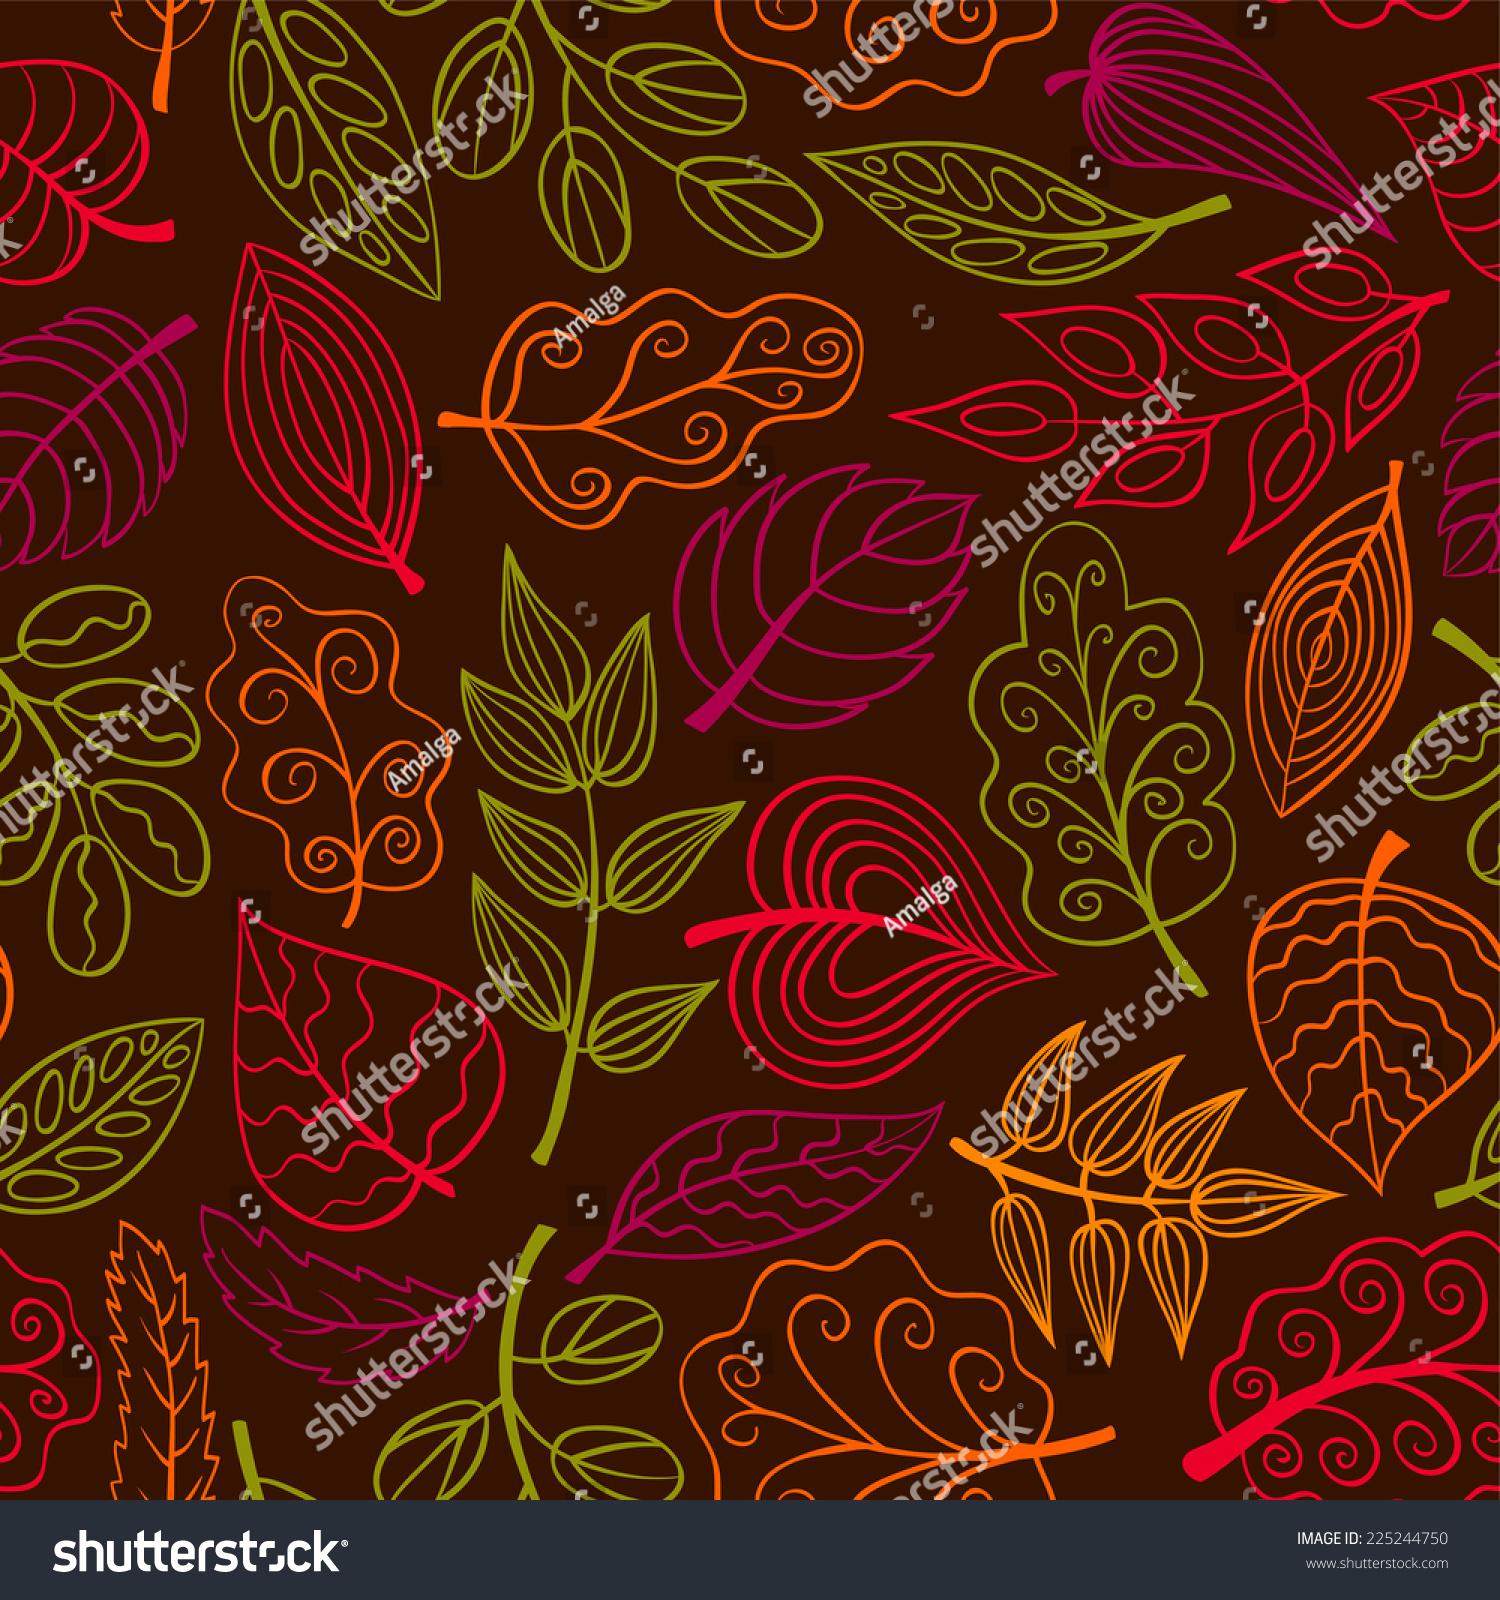 手绘黑暗无缝模式用树叶.向量素描背景.-背景/素材